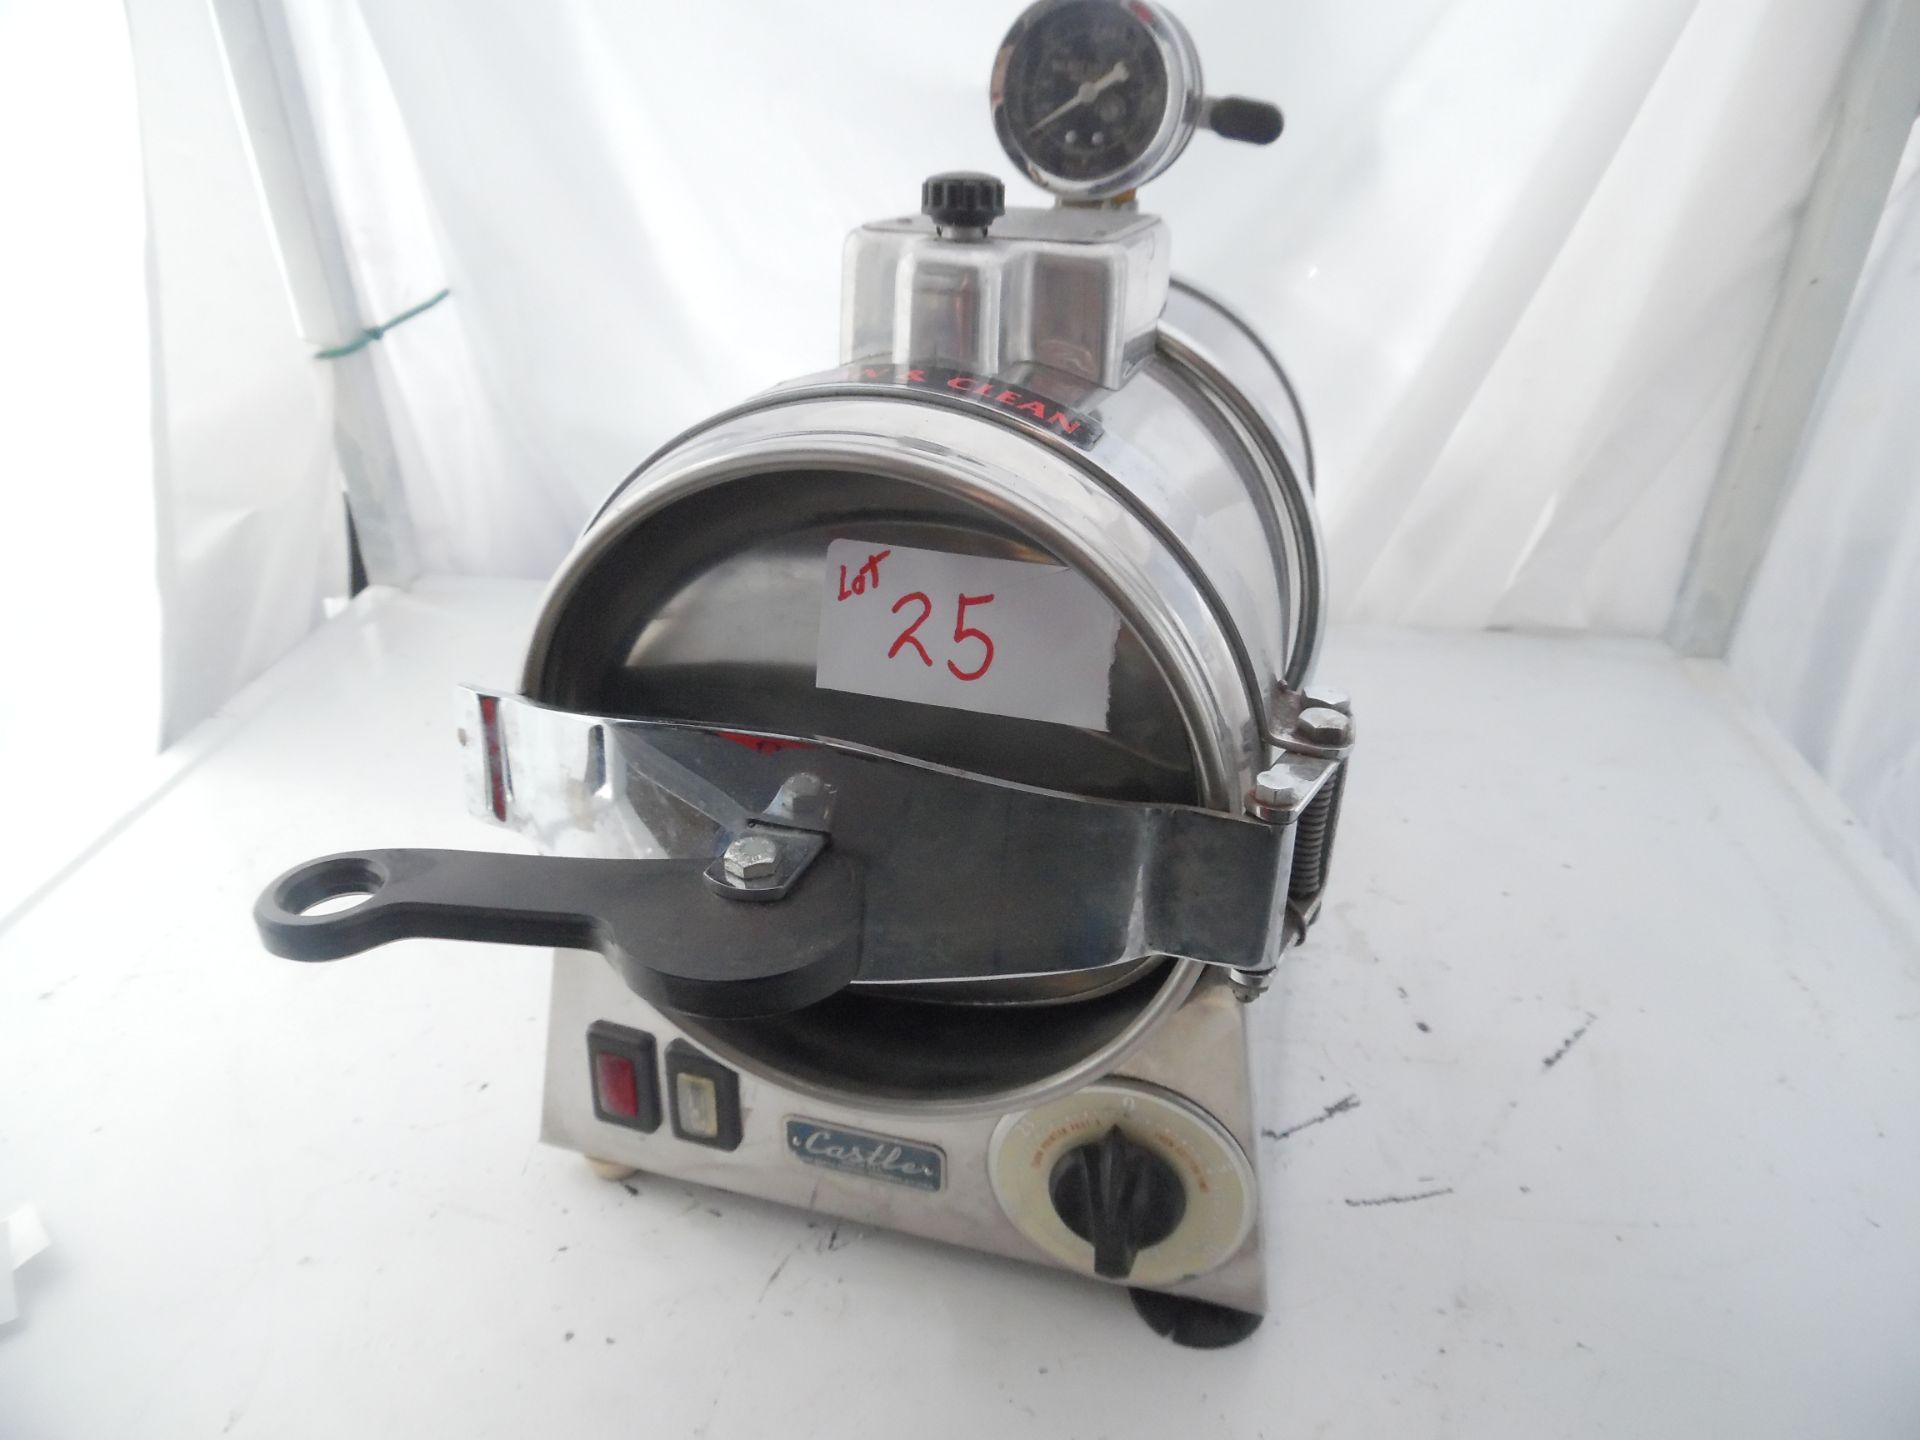 Castle Model 777 Autoclave Sterilizer.110V 10 amps.